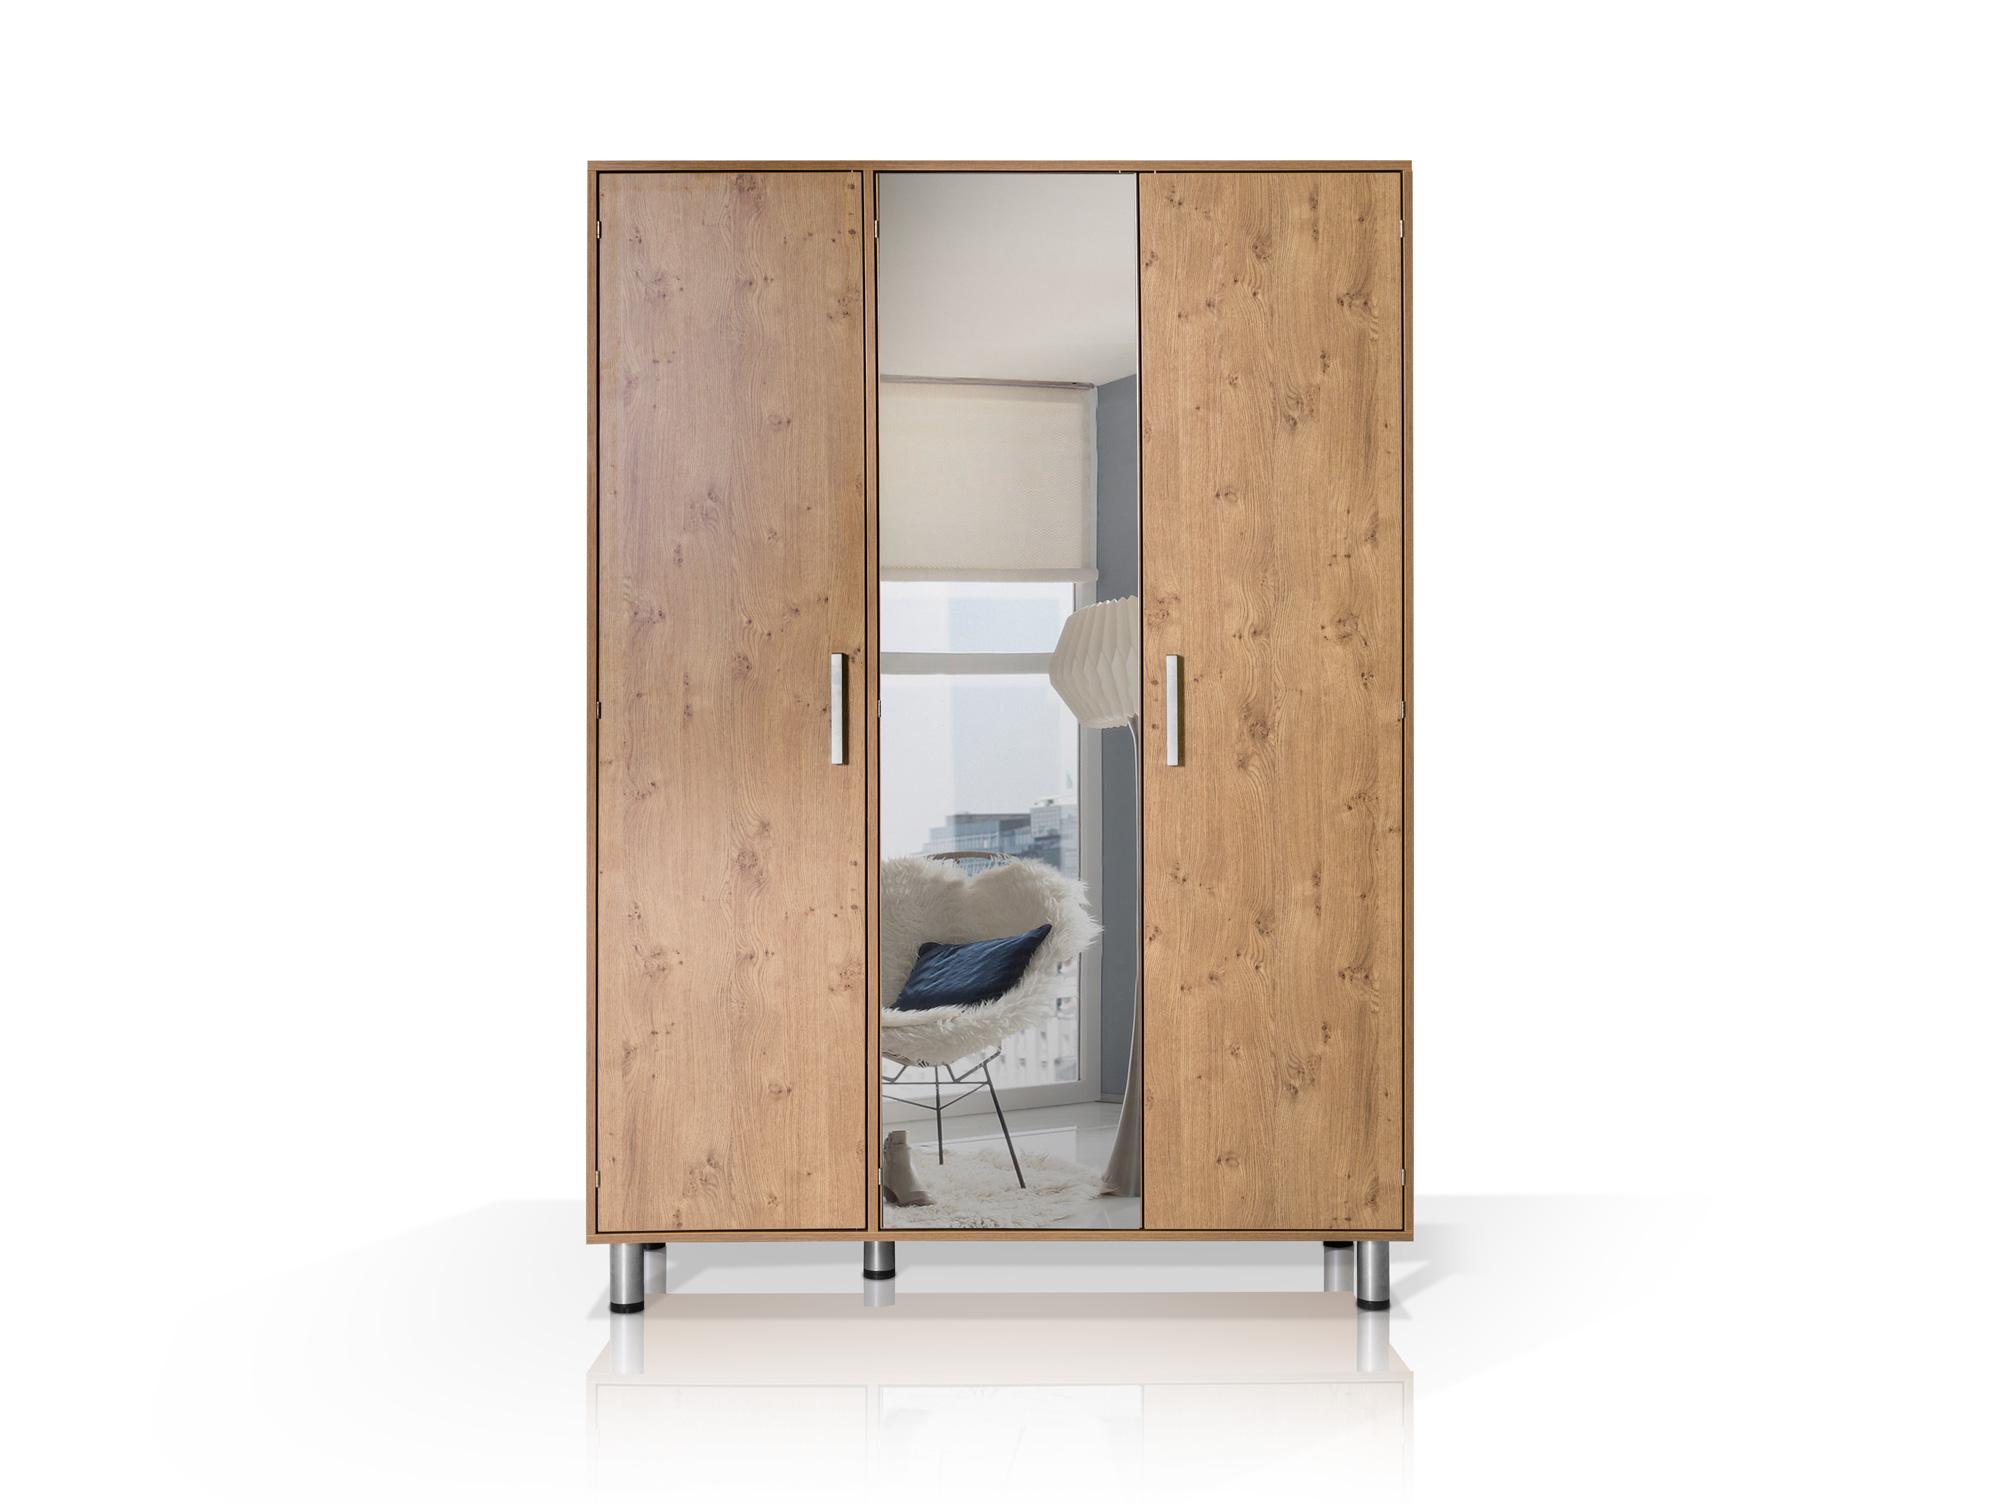 kleiderschrank mit spiegel kleiderschrank mit spiegel wei. Black Bedroom Furniture Sets. Home Design Ideas